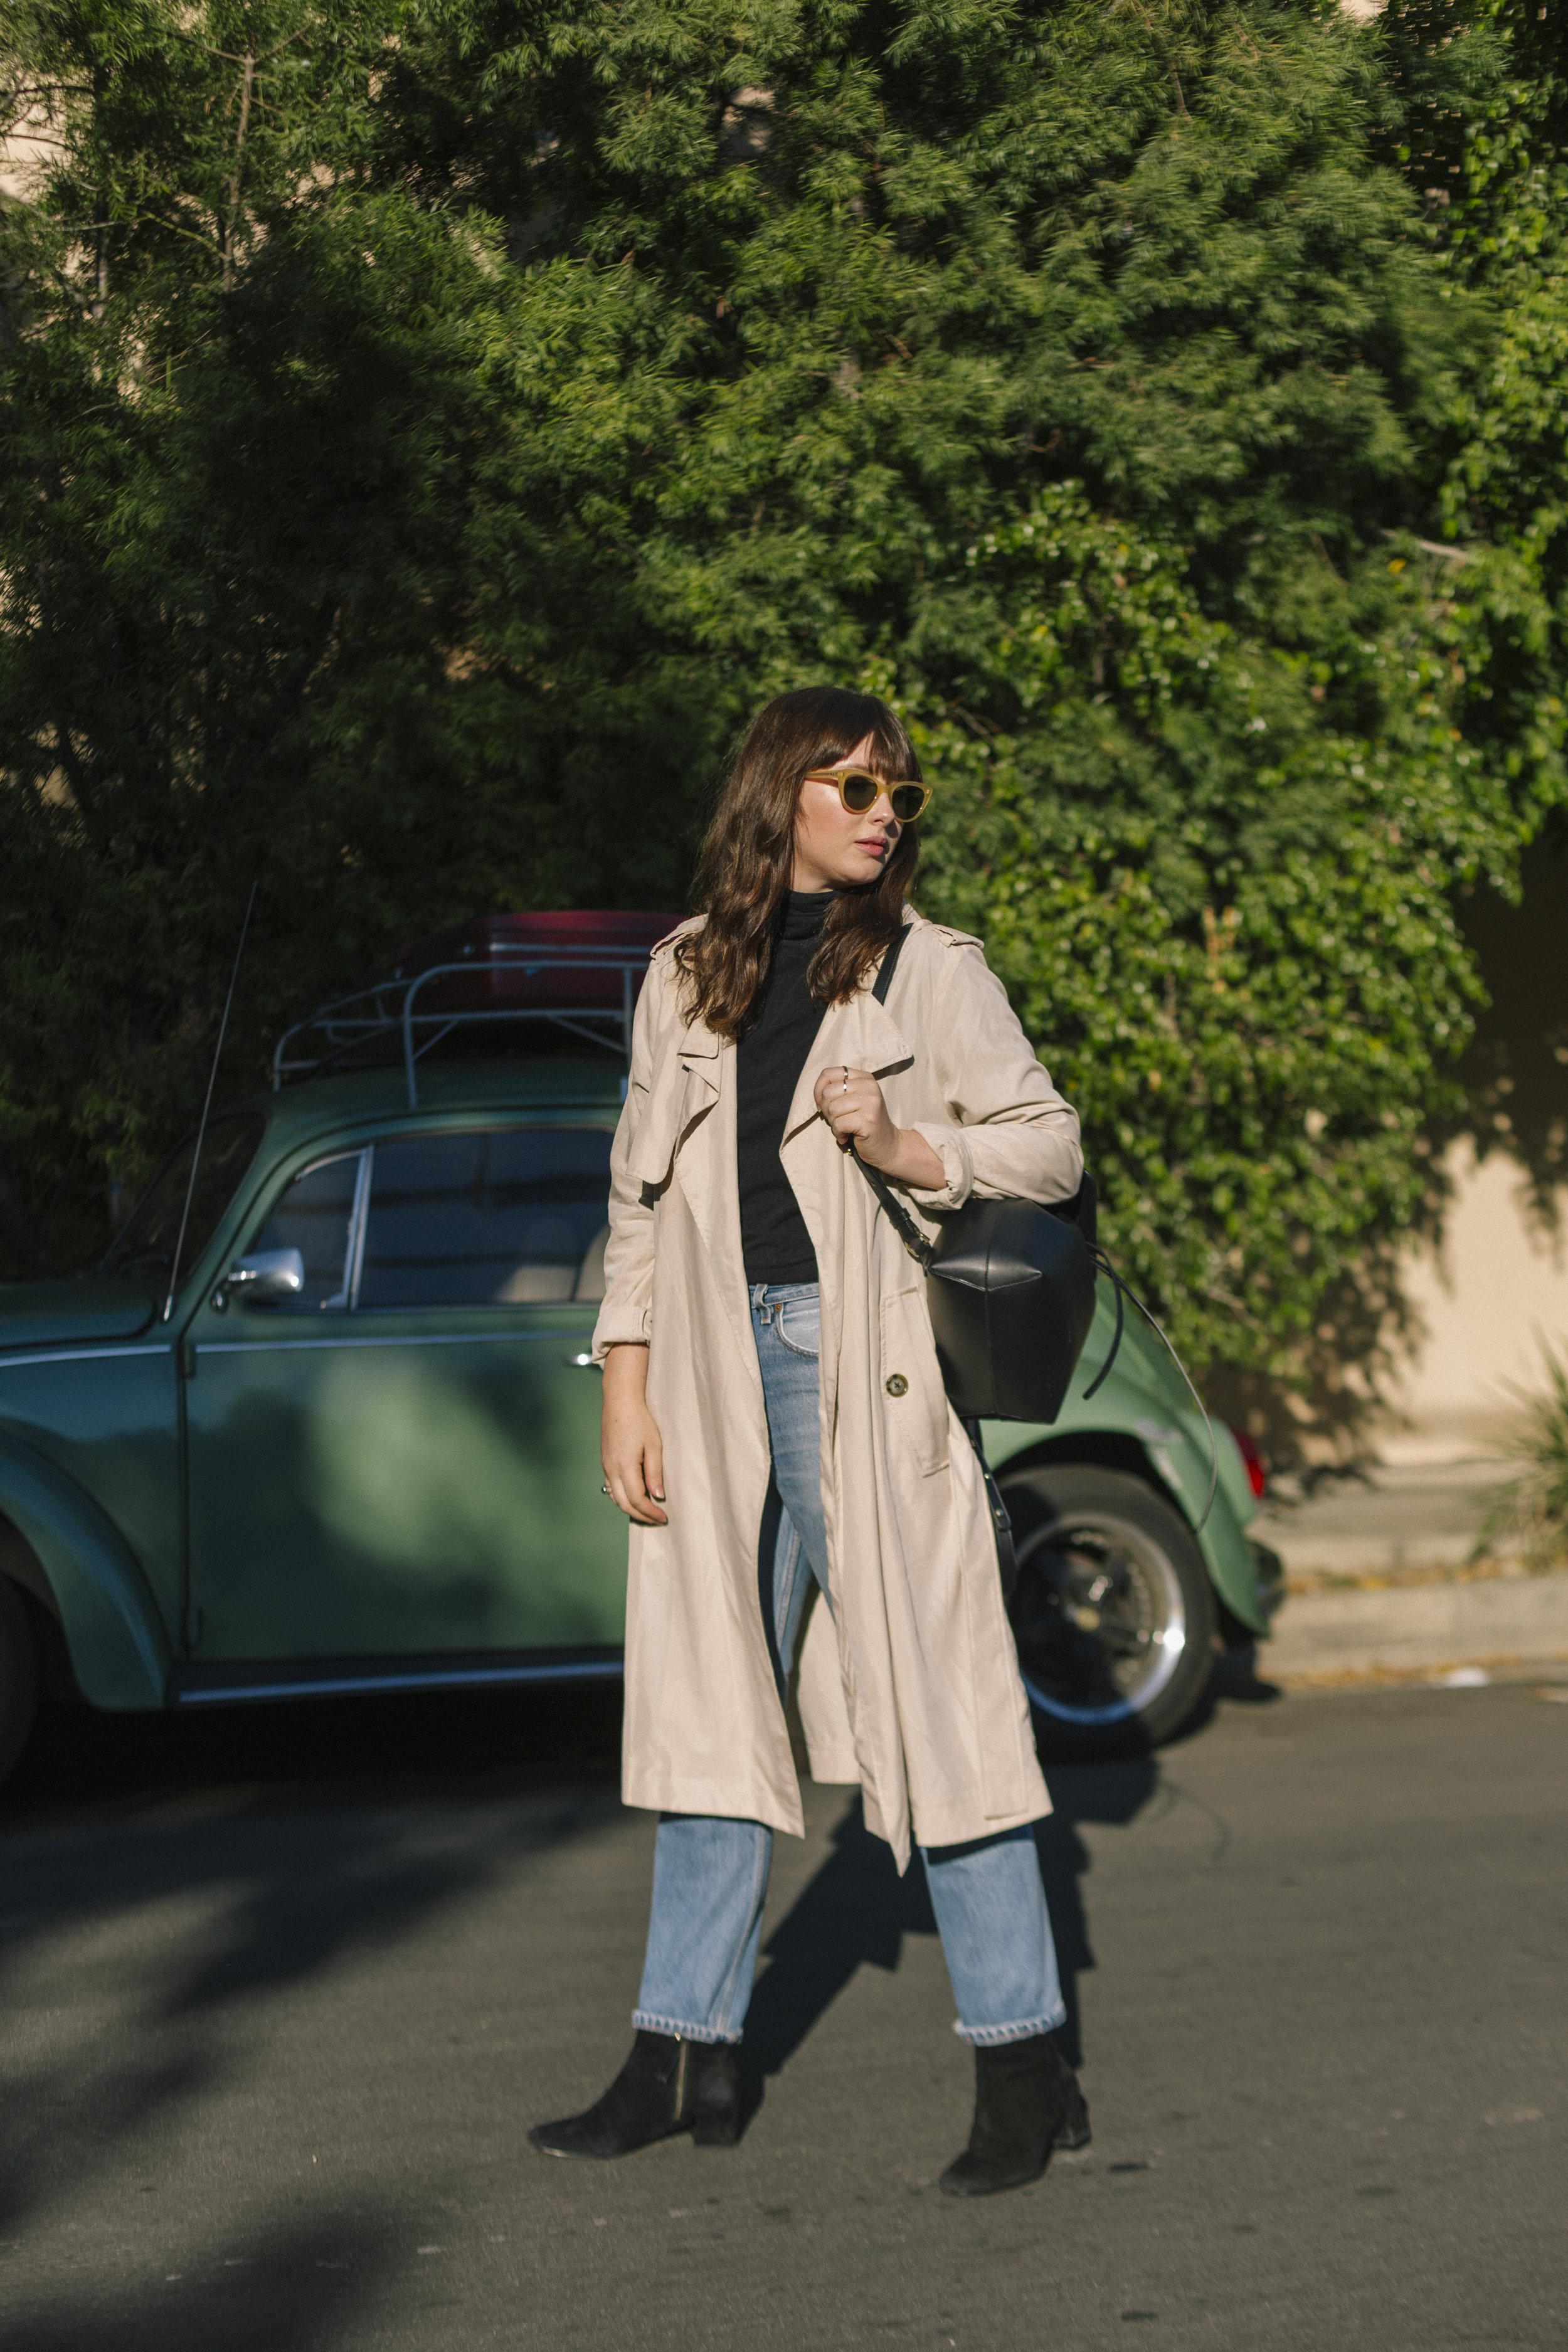 trench coat, mango    ;    backpack, mansur gavriel    ;    sunglasses, garrett leight x clare v    ;    turtleneck, madewell